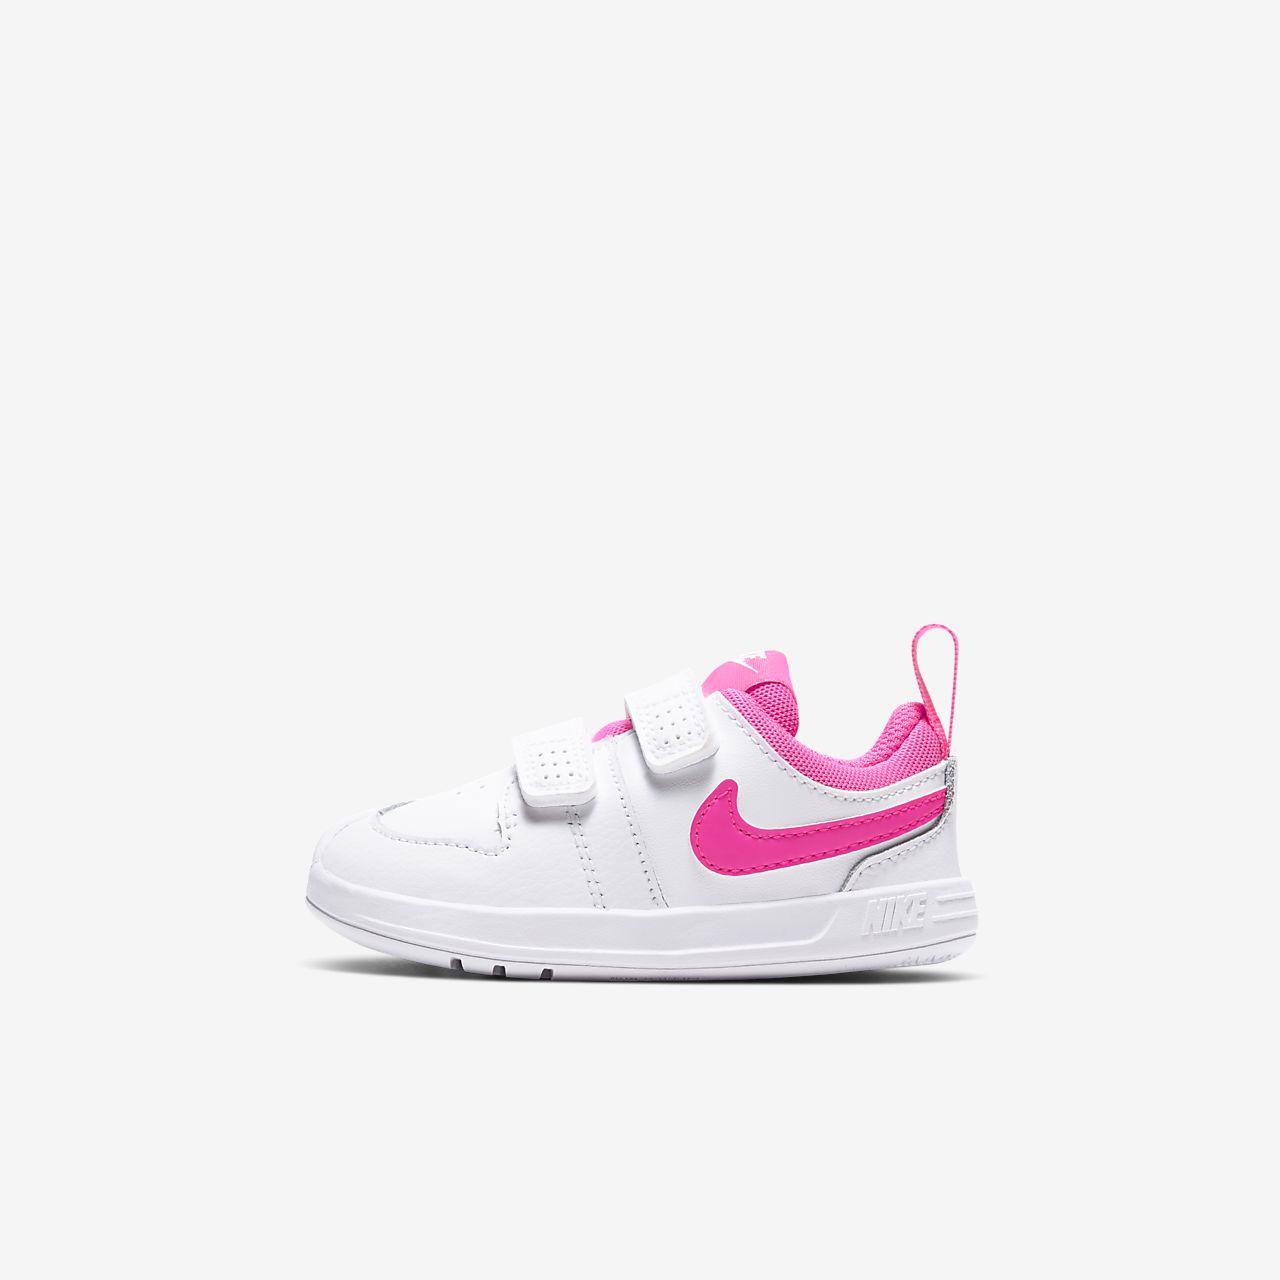 Chaussure Nike Pico 5 pour Bébé et Petit enfant